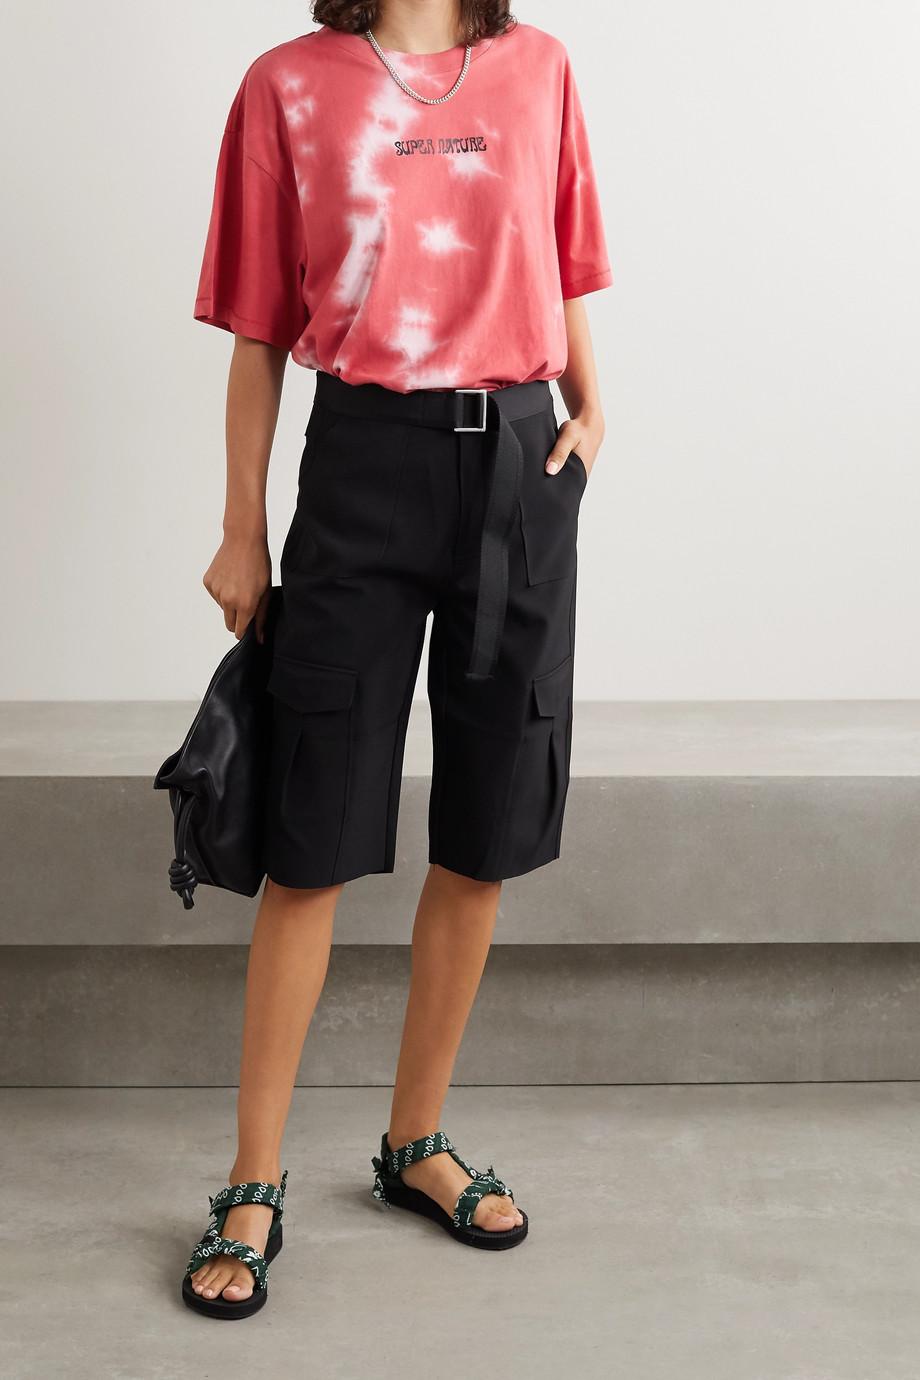 Ksubi T-Shirt aus Baumwoll-Jersey mit Batikmuster und Print in Oversized-Passform